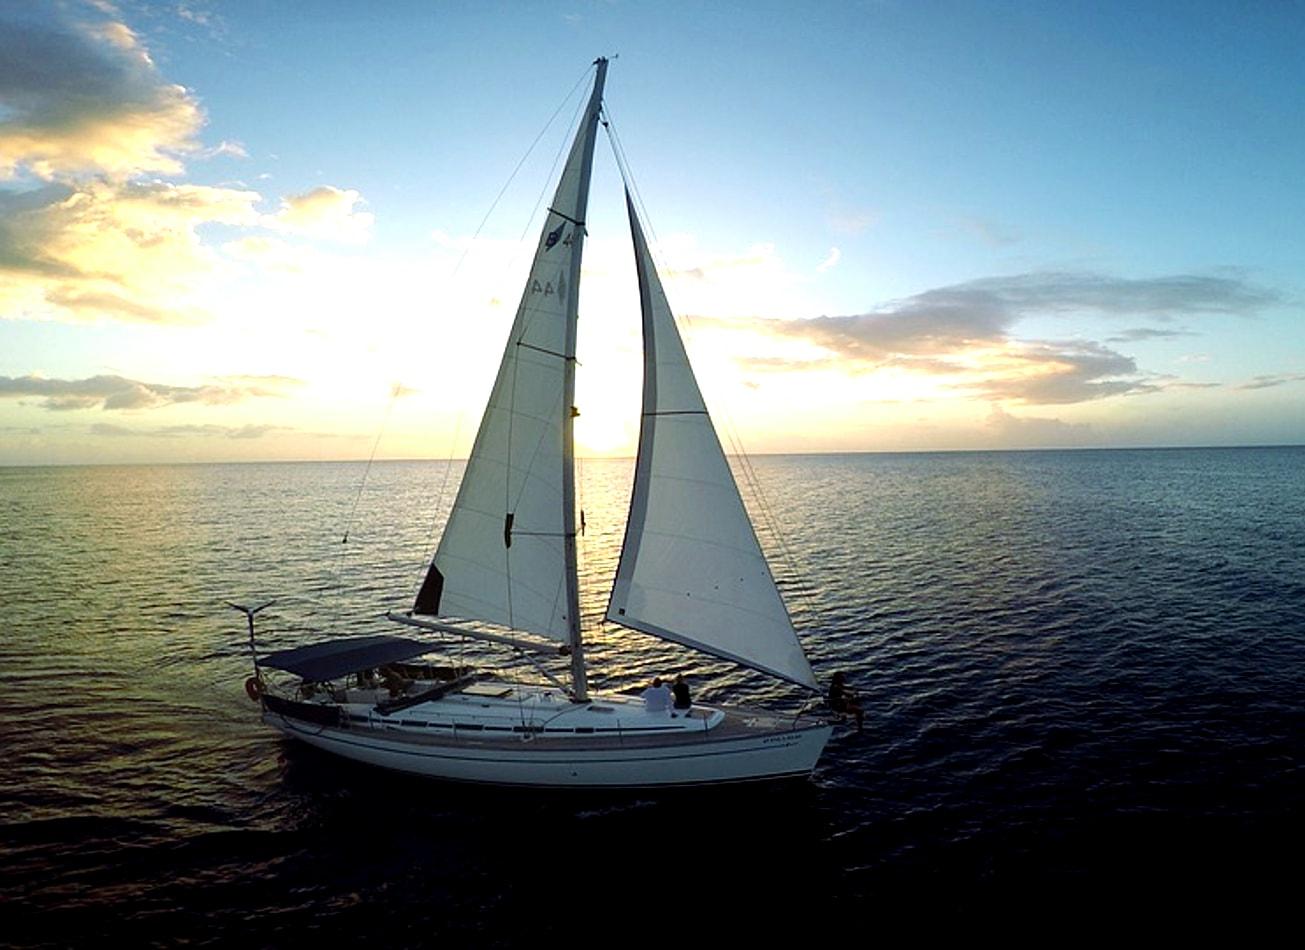 croisière en voilier privatisé bateau barcelone activites vimigo